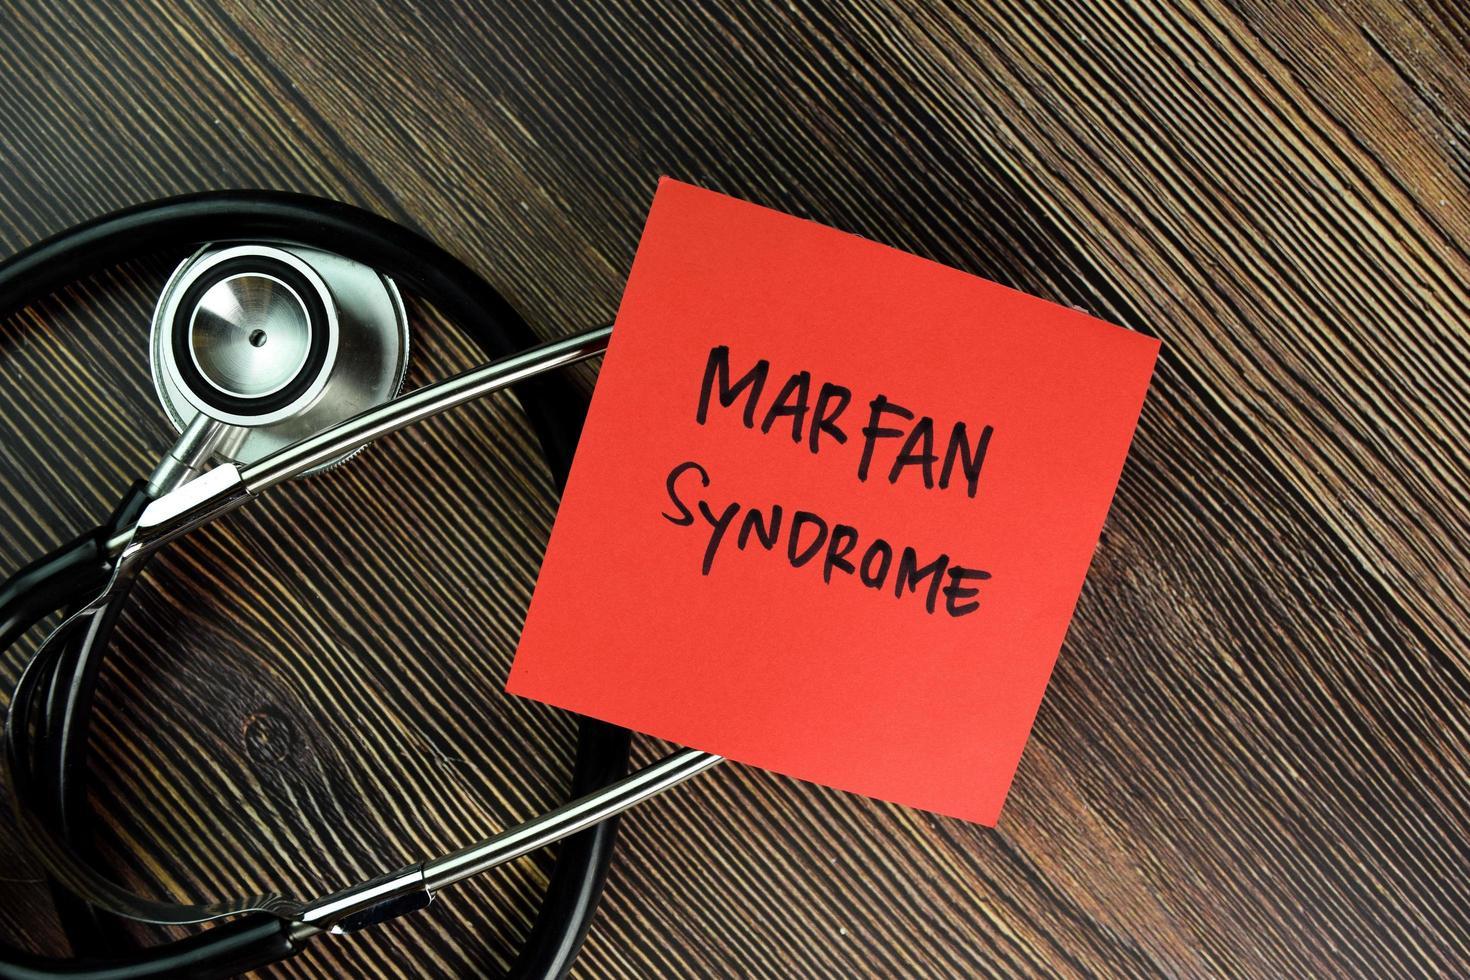 Marfan-Syndrom geschrieben auf Haftnotiz isoliert auf Holztisch foto